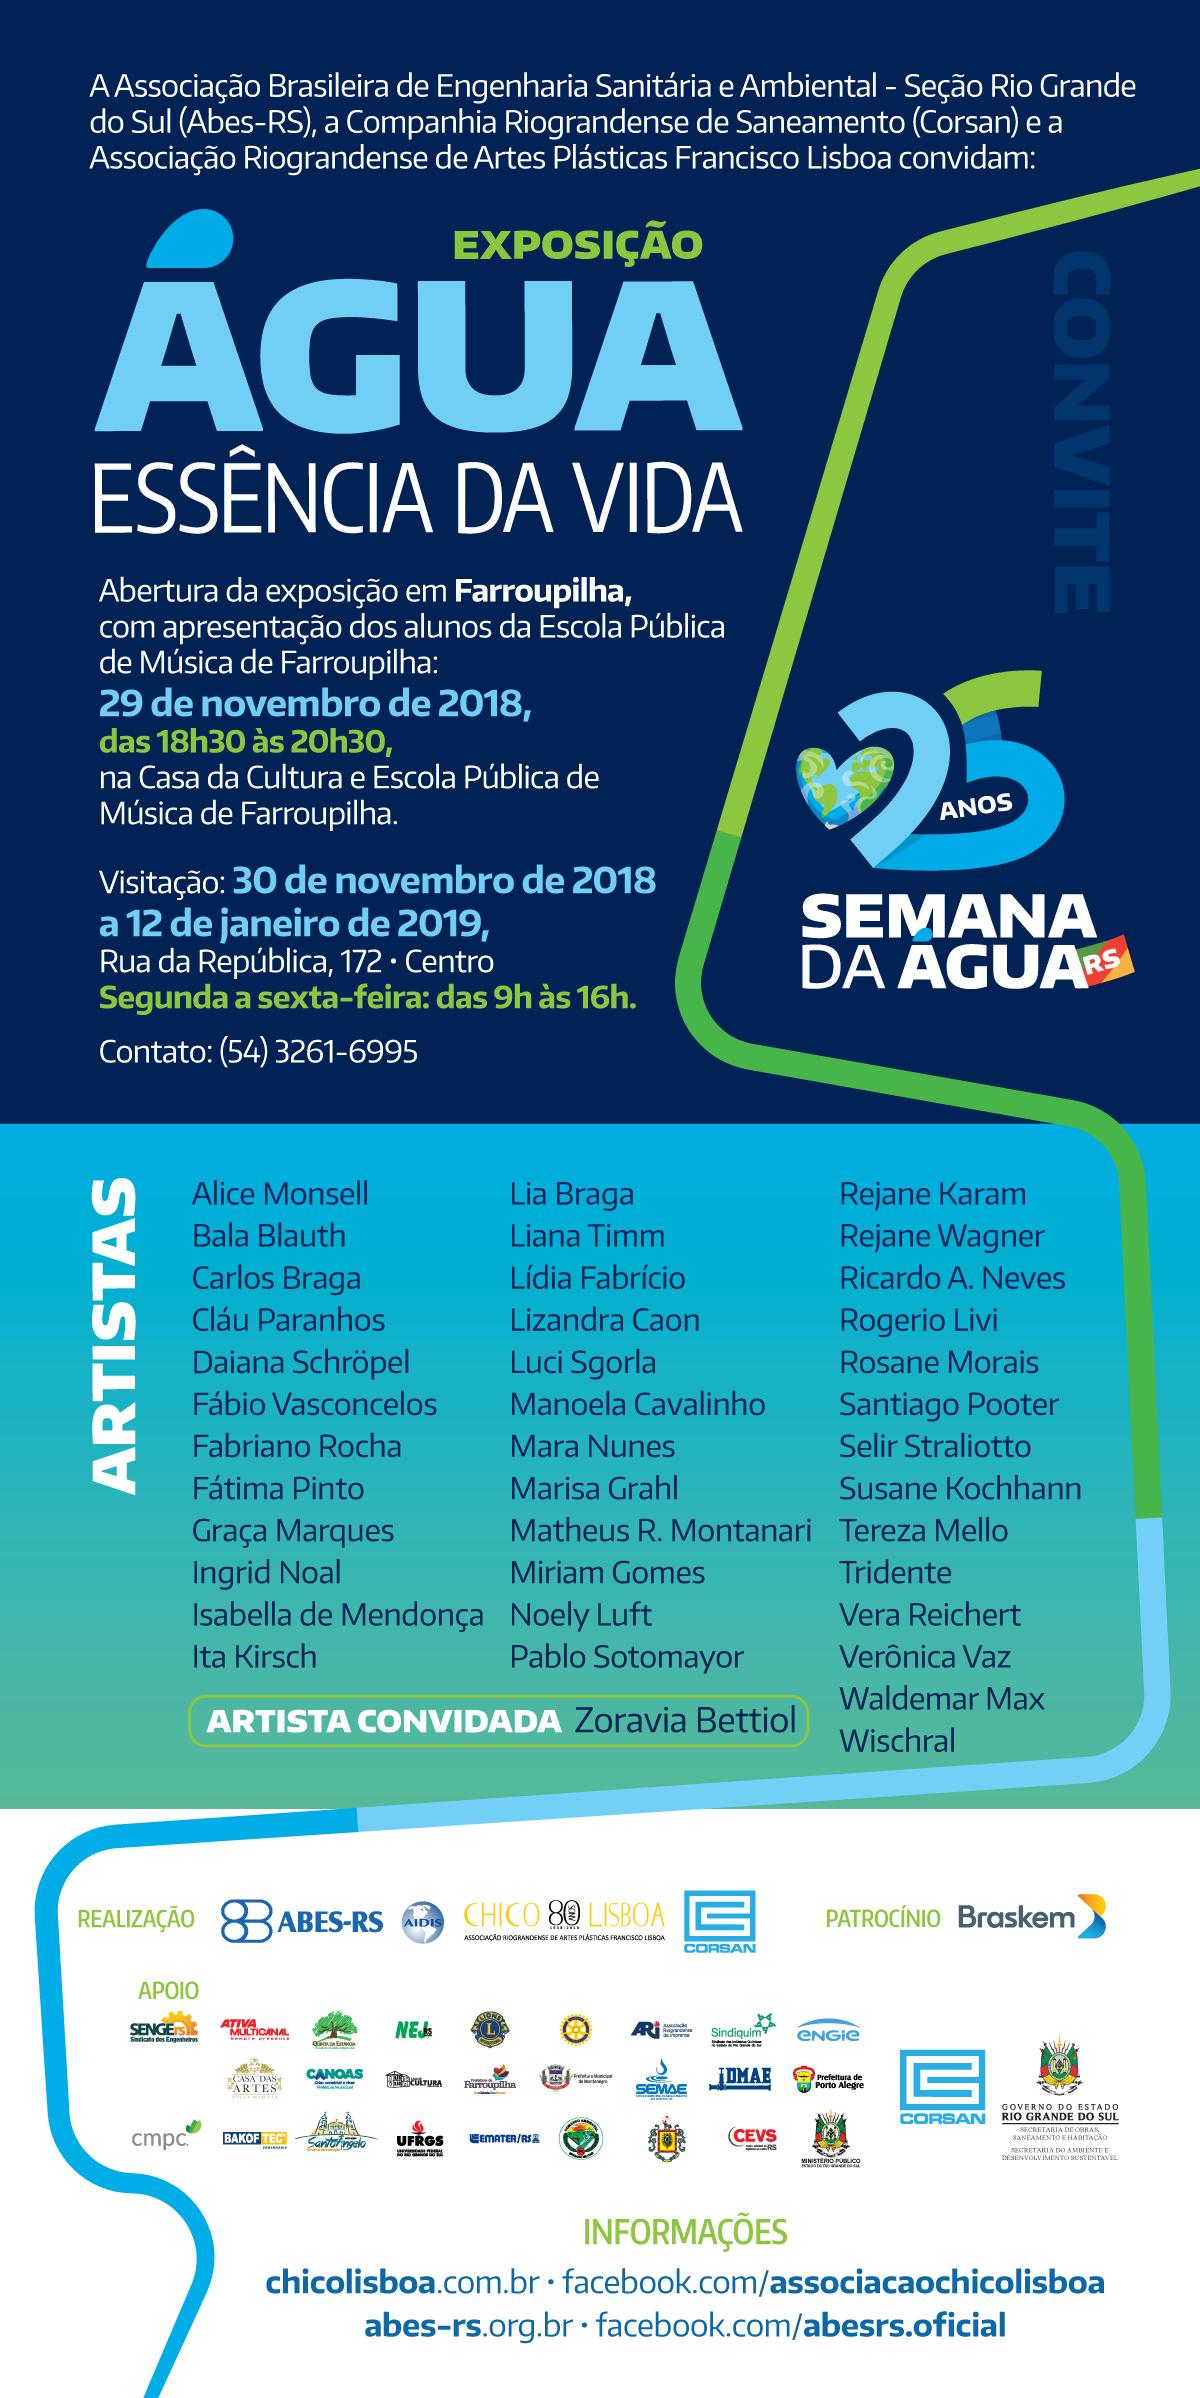 ExposiçãoÁGUA: ESSÊNCIA DA VIDA – 25 ANOS Semana da Água do RS, abertura dia 29/11, em Farroupilha